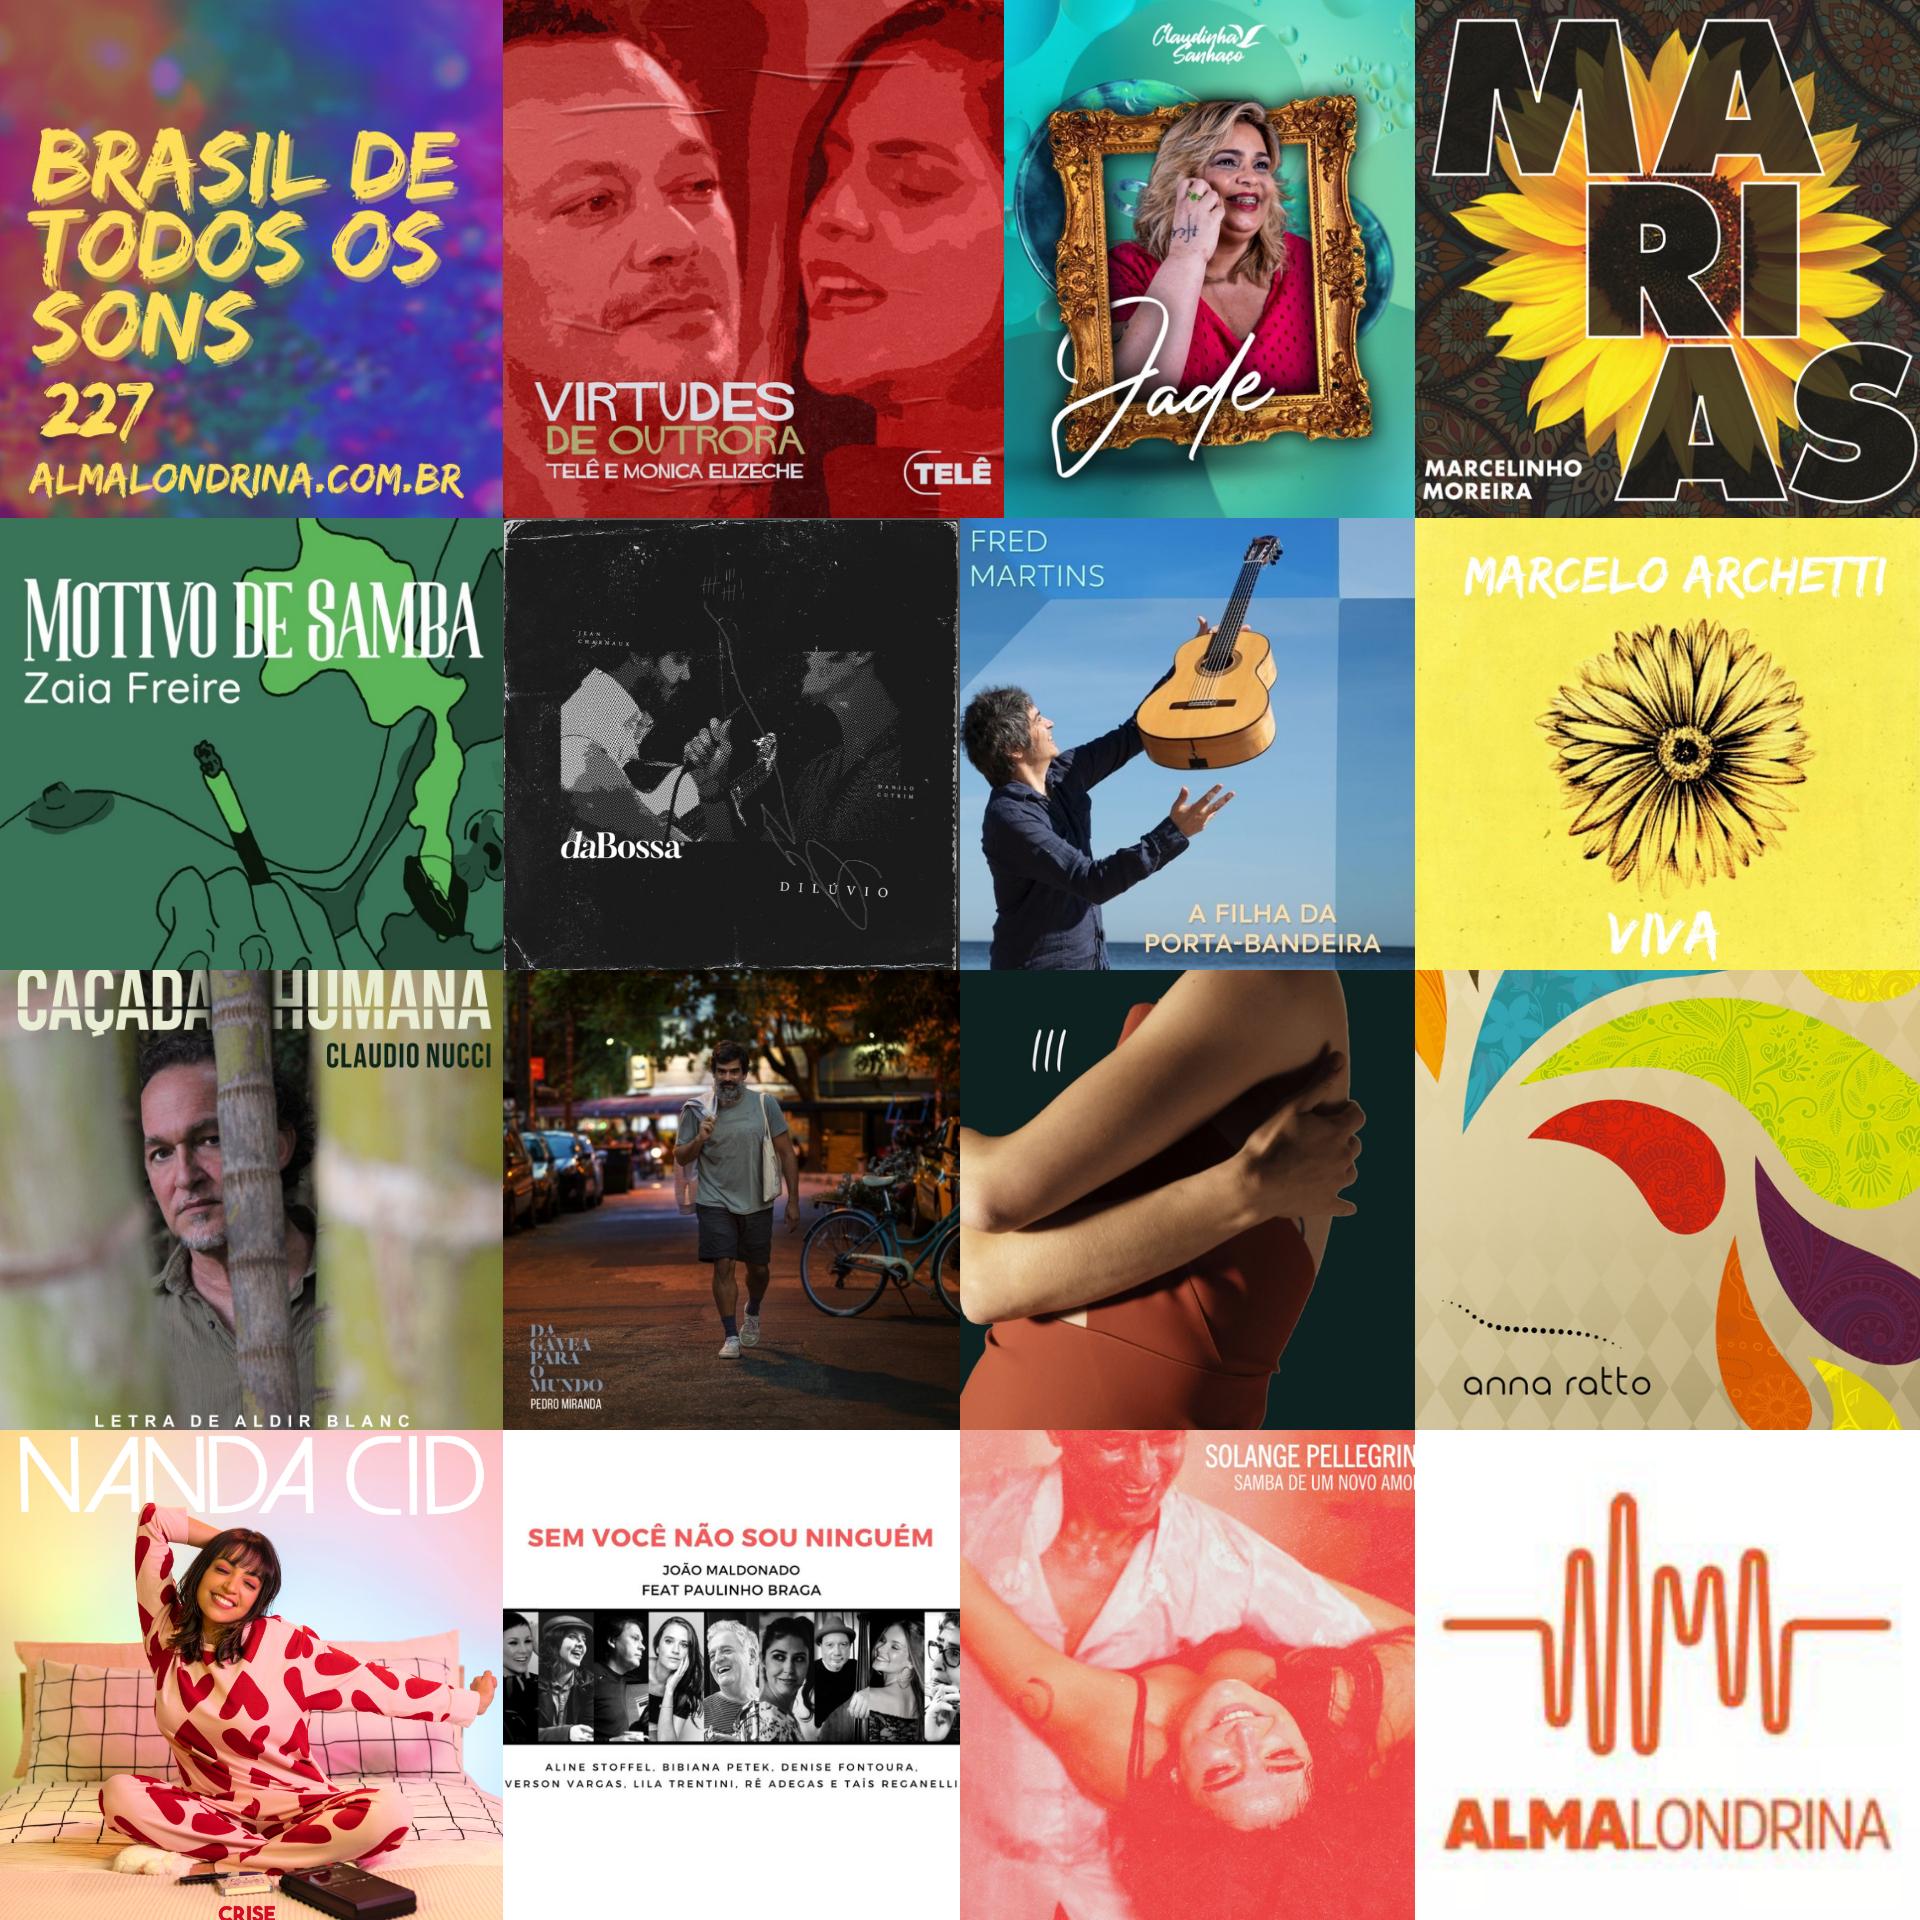 Brasil De Todos Os Sons #227